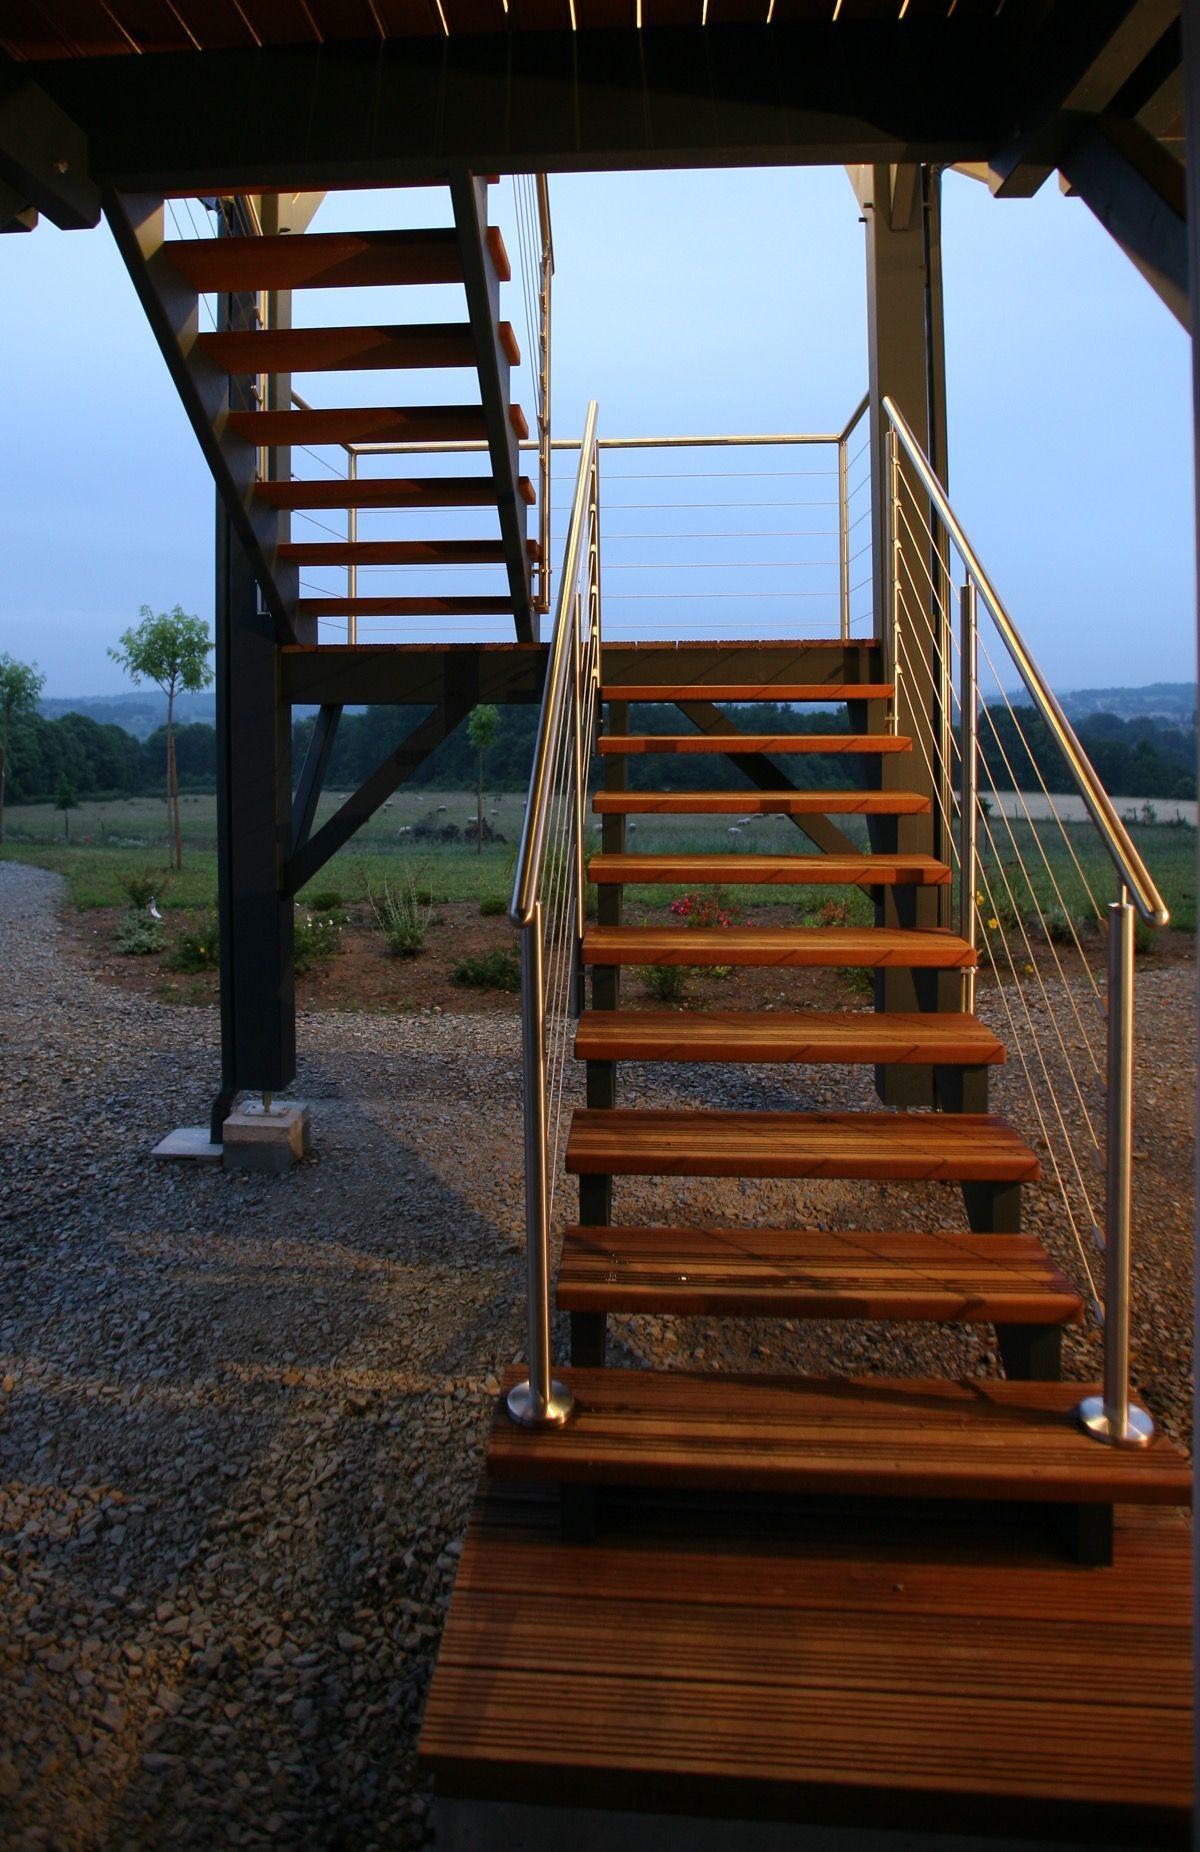 Escaliers extérieurs en bois